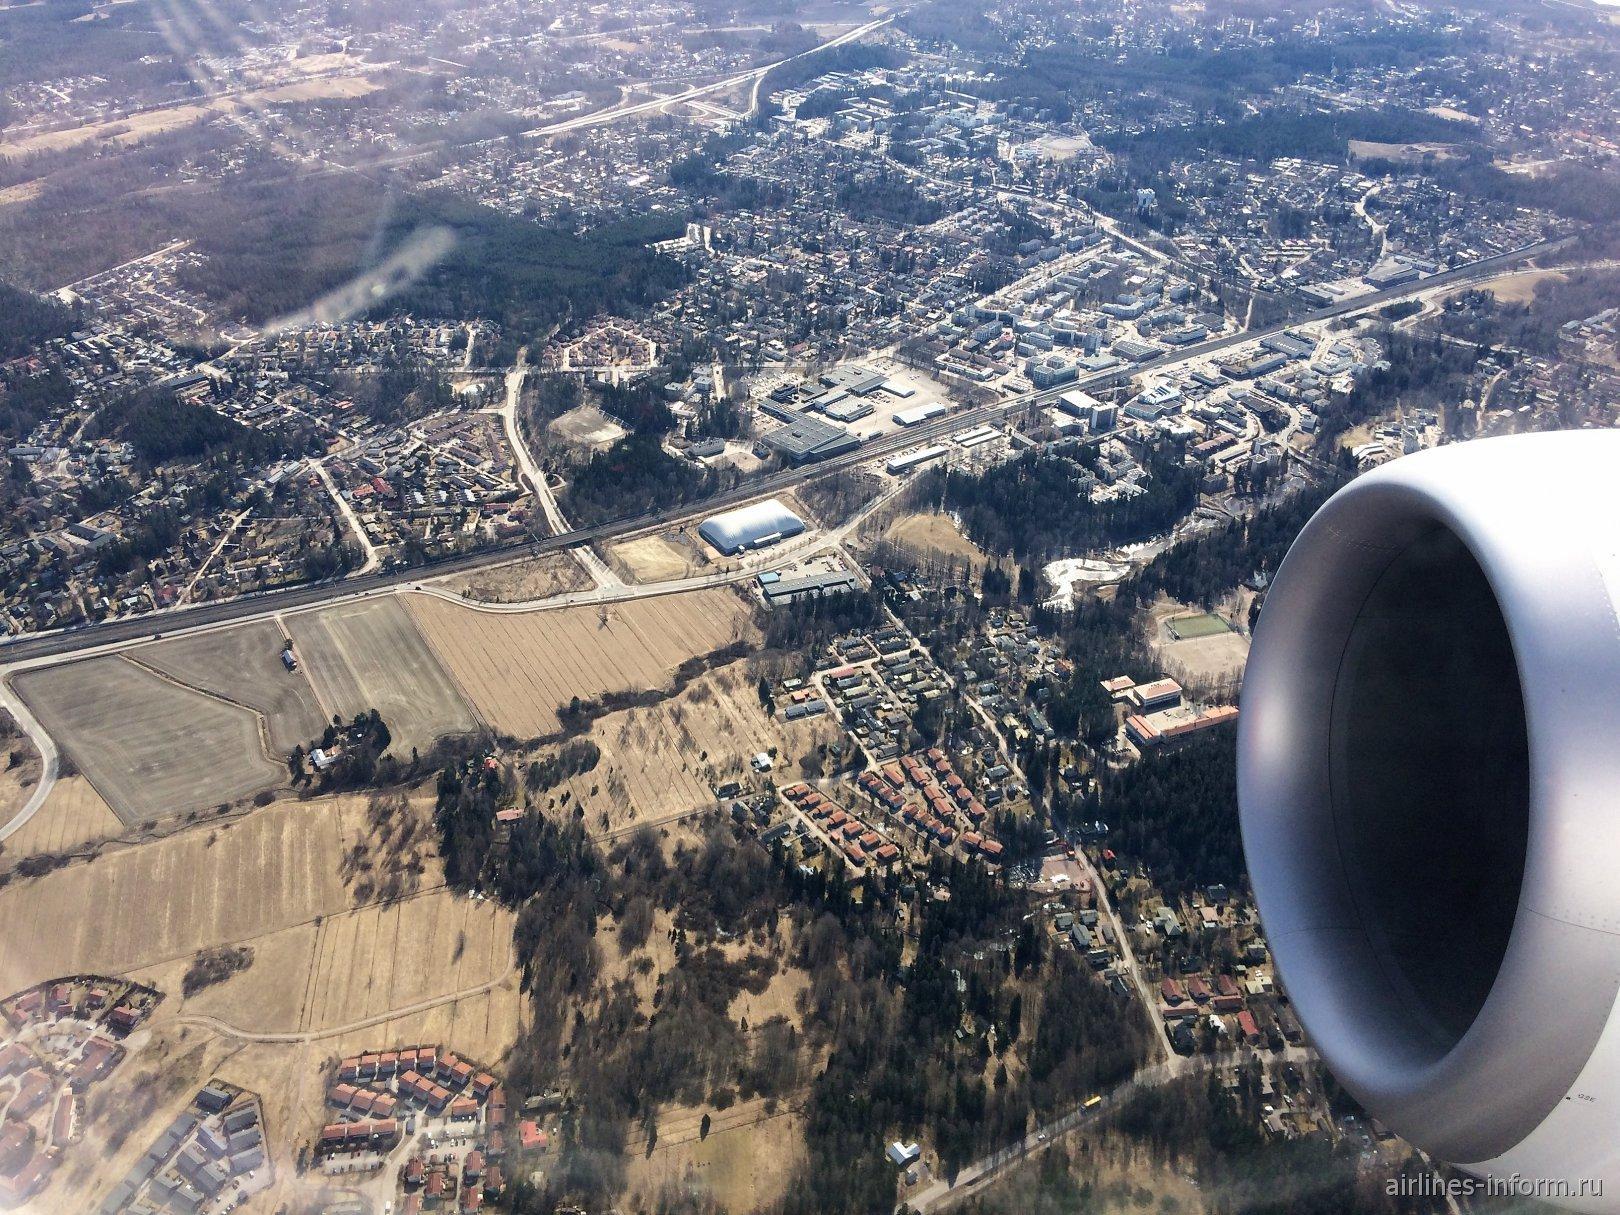 Вид из иллюминатора при взлете из аэропорта Хельсинки Вантаа